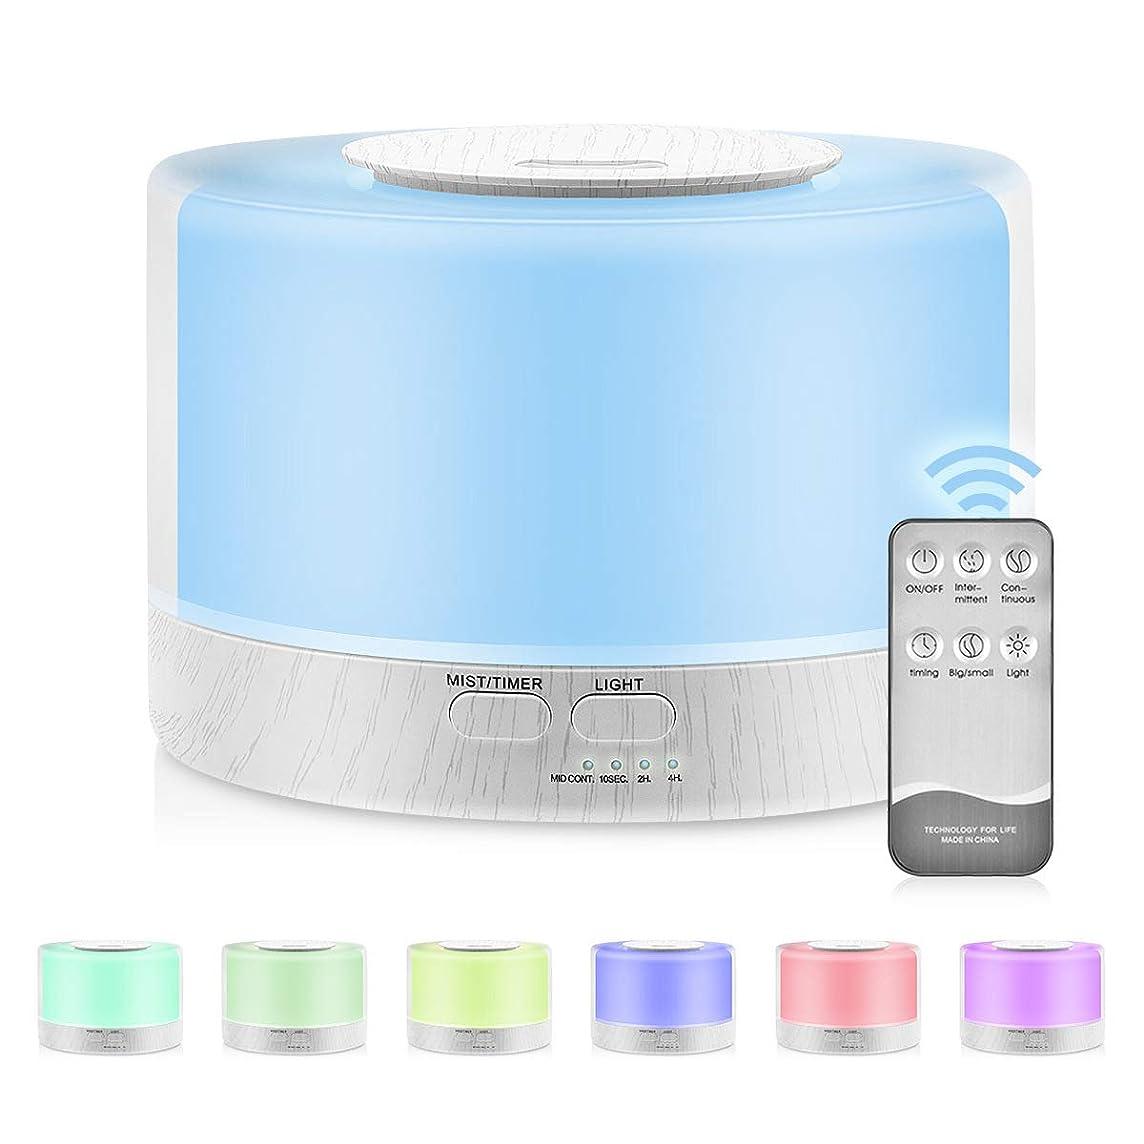 ふける一般的にピニオン700mlプレミアムエッセンシャルオイルディフューザー5 in 1超音波アロマセラピーフレグランスオイル気化器加湿器タイマーおよび自動オフ安全スイッチ,UKplug